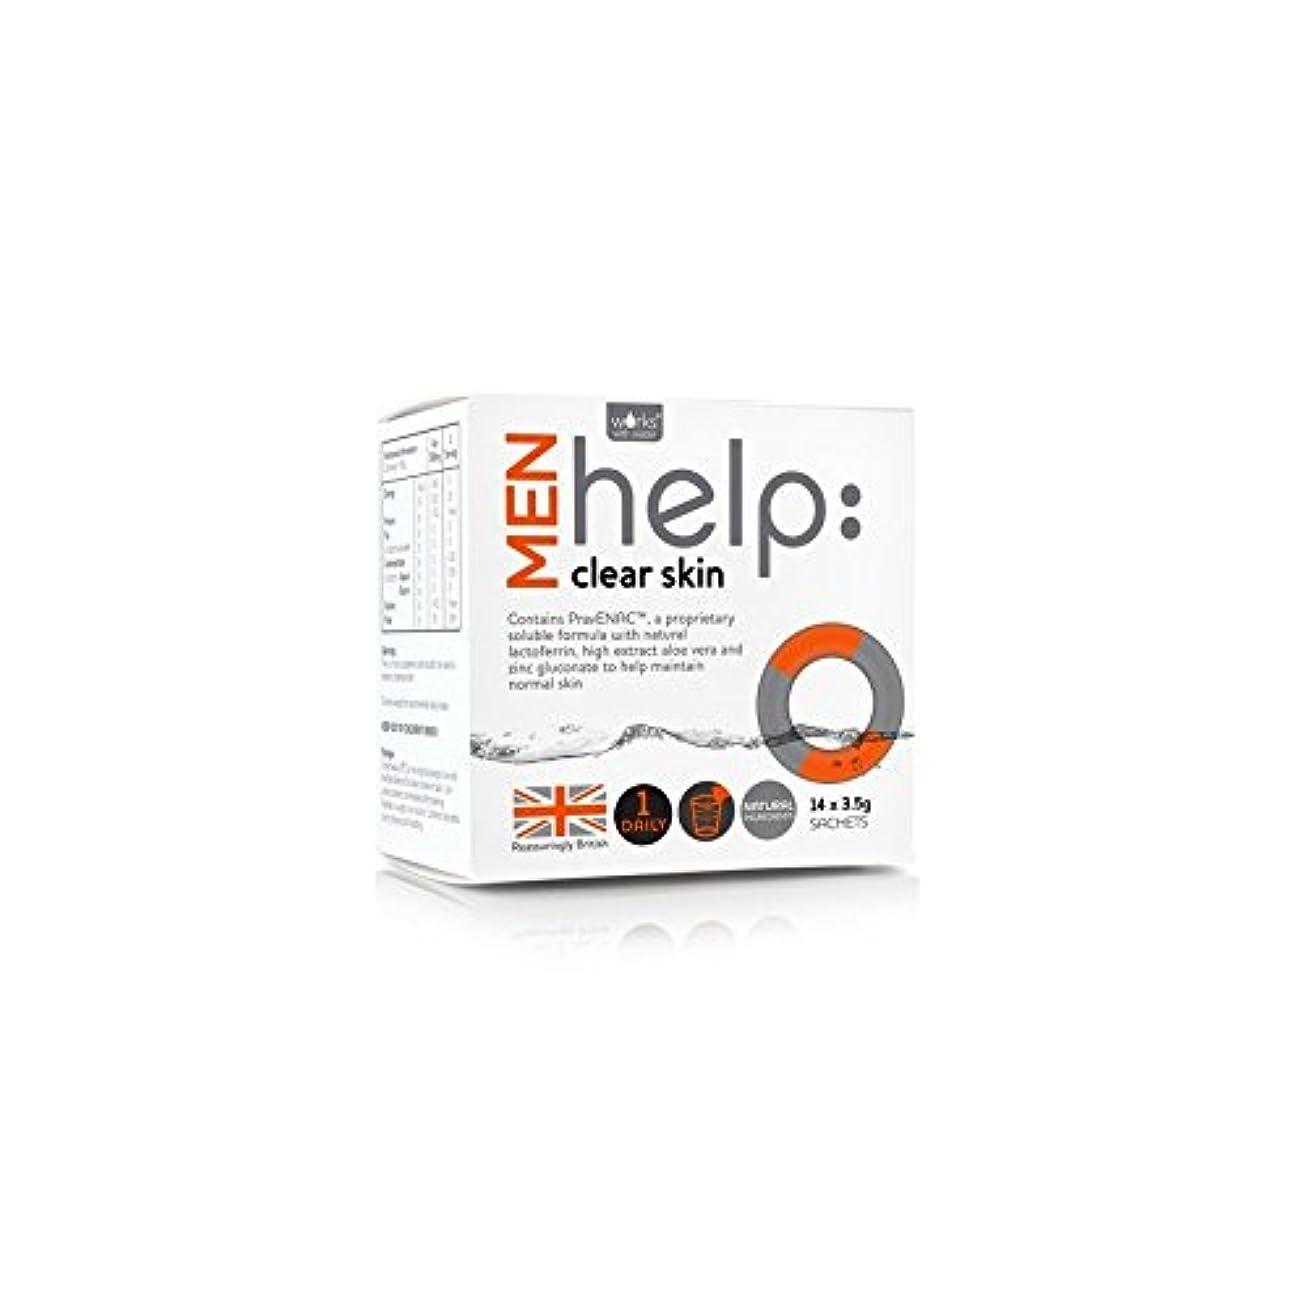 川カウボーイスキークリアな肌可溶性サプリメント(14 3.5グラム):水男性の助けを借りて動作します x4 - Works With Water Men's Help: Clear Skin Soluble Supplement (14...